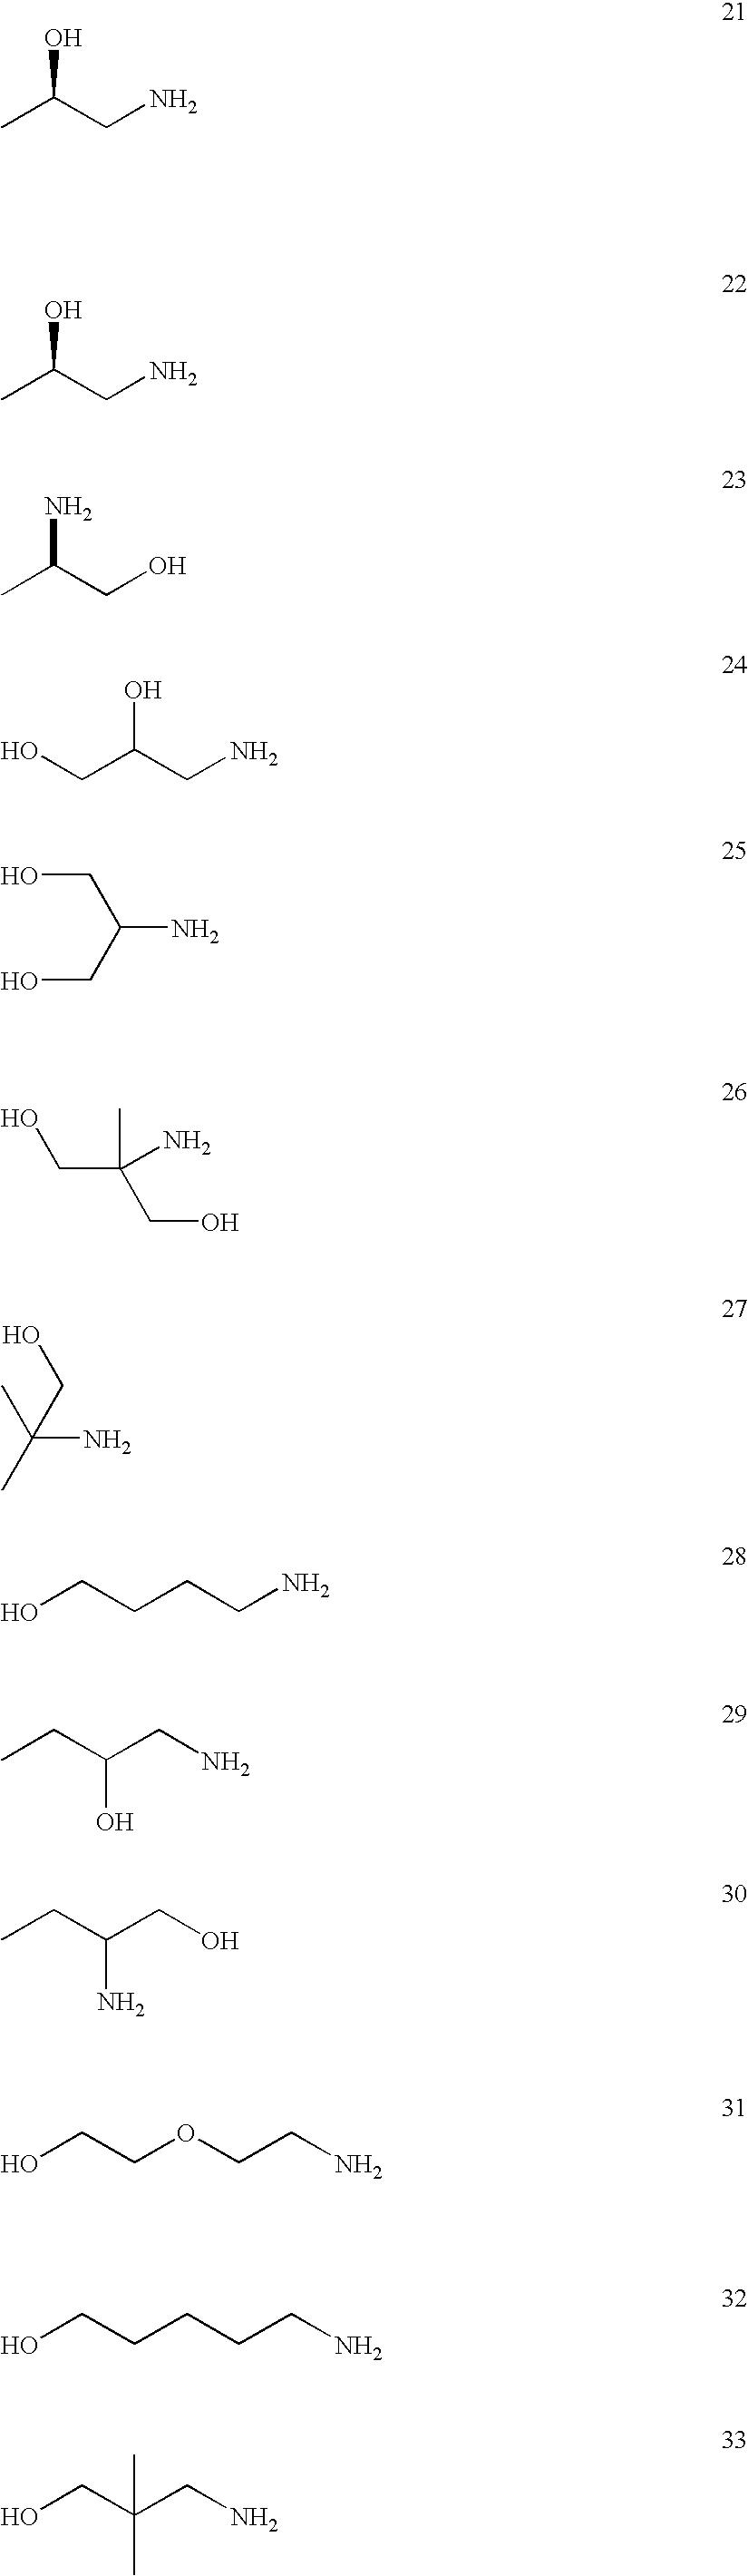 Figure US20050244504A1-20051103-C00019